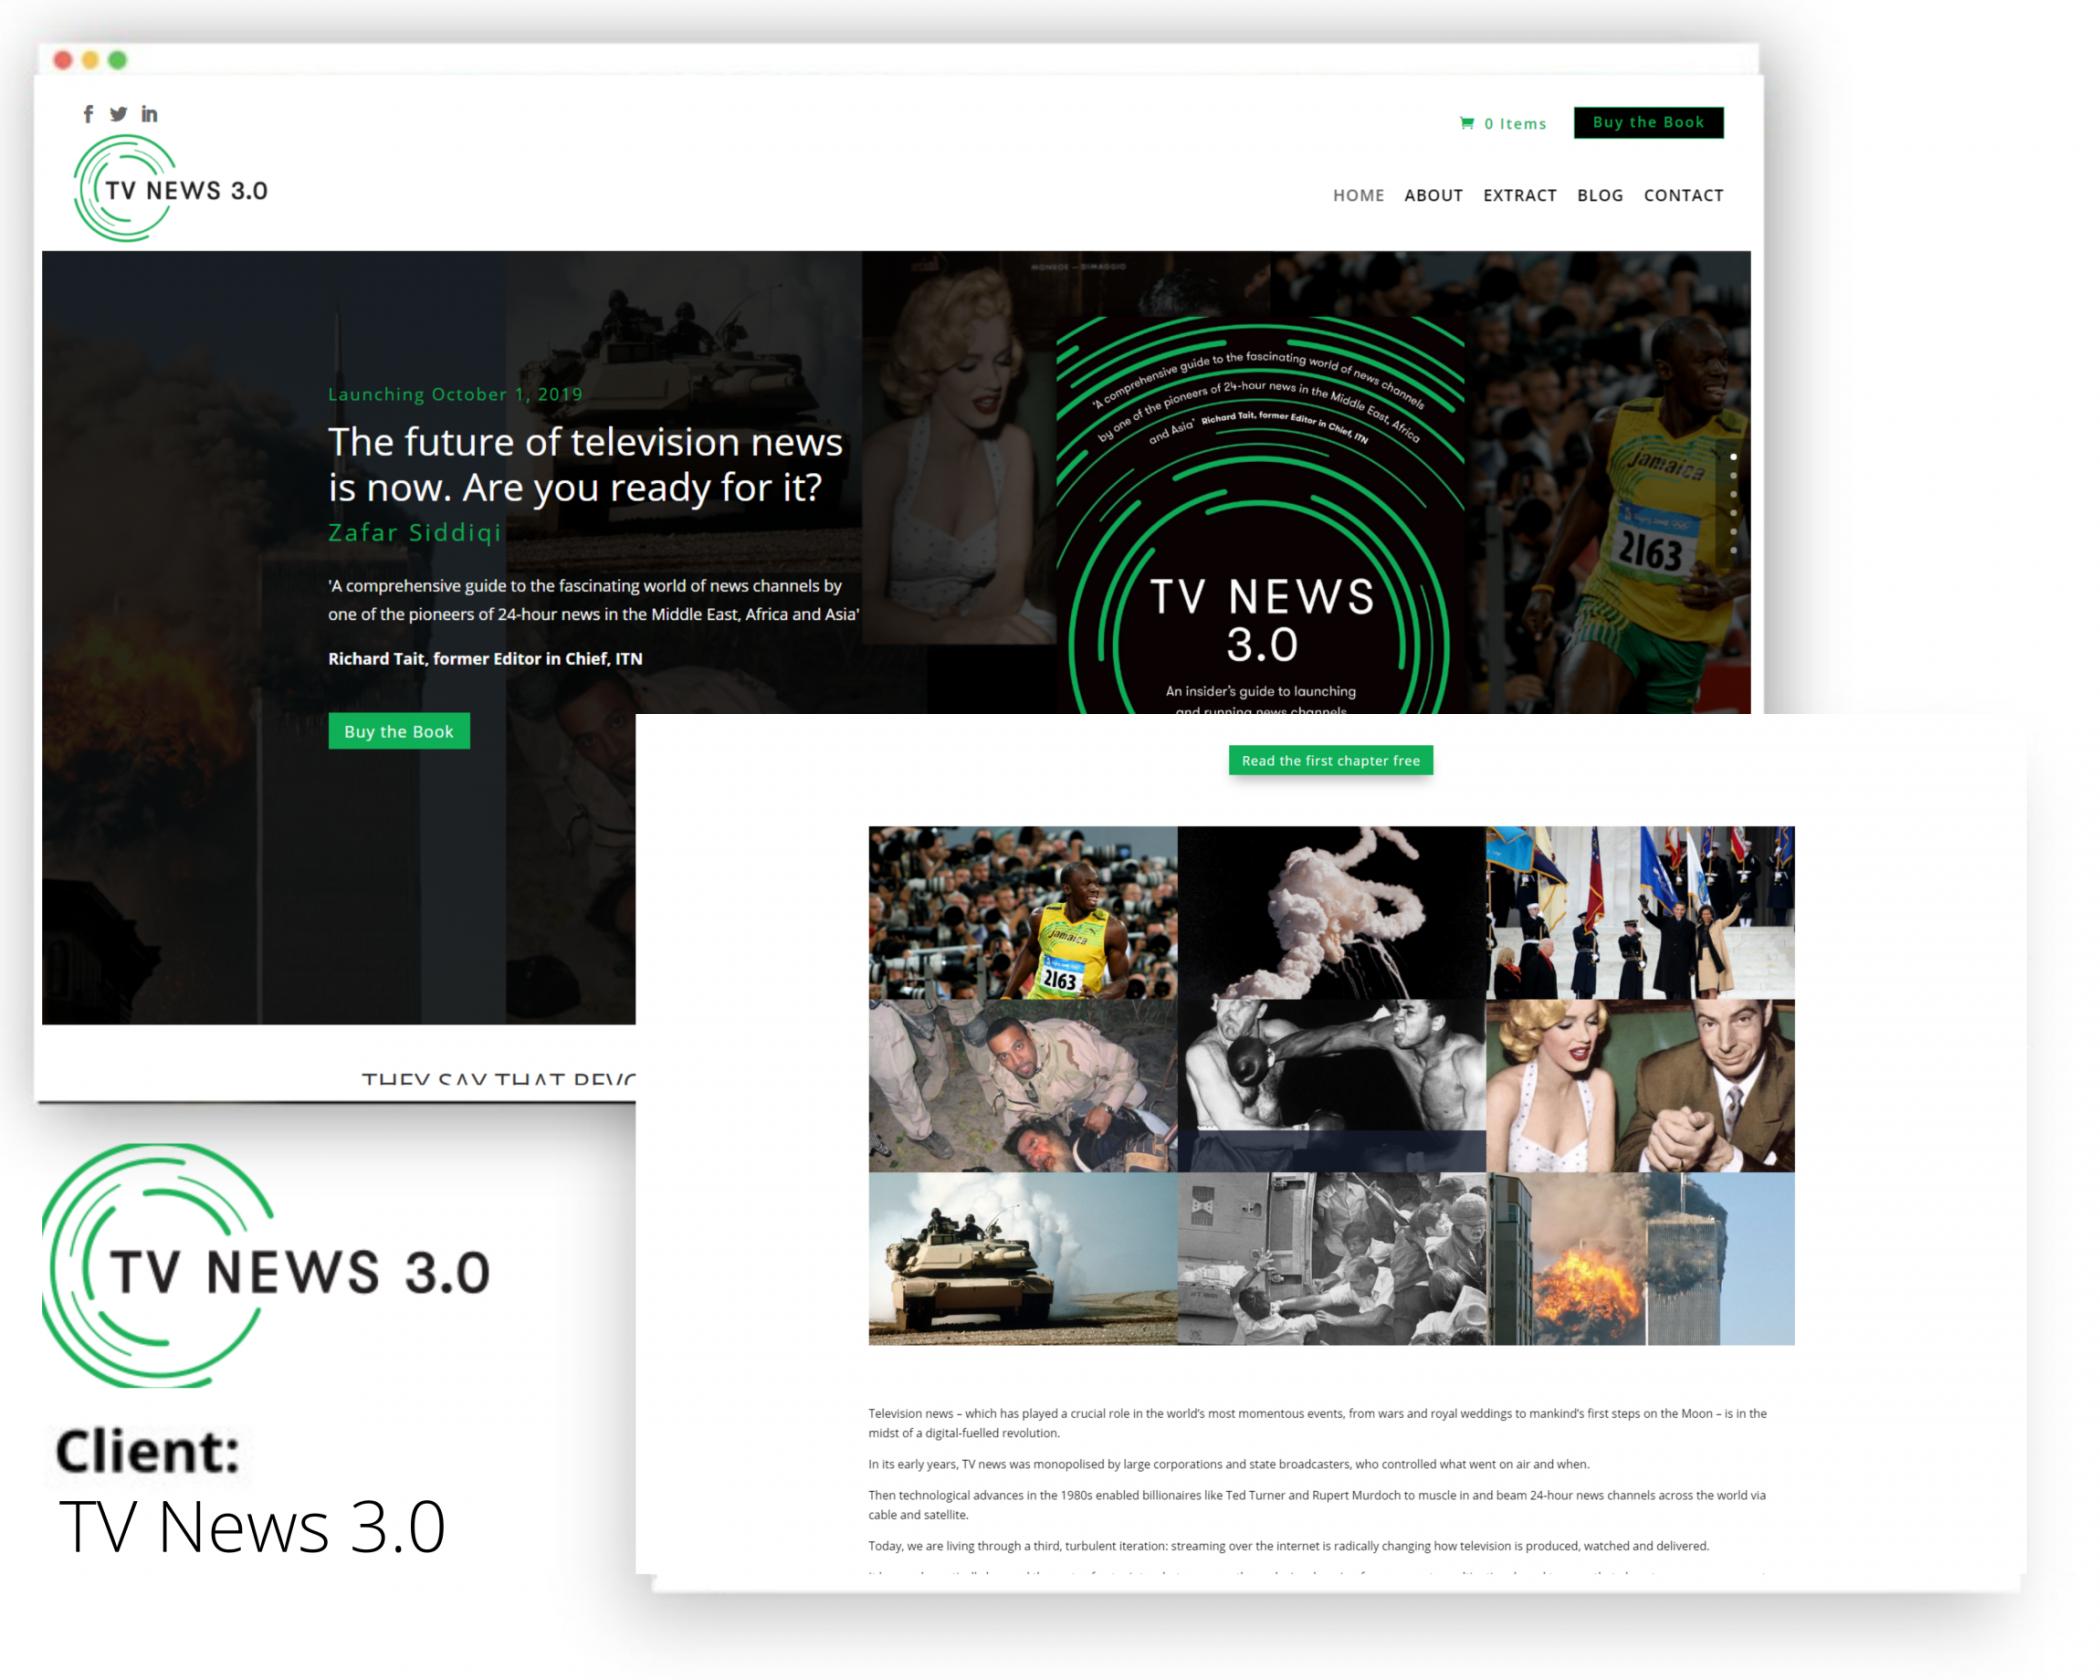 TV NEWS 3.0 website development